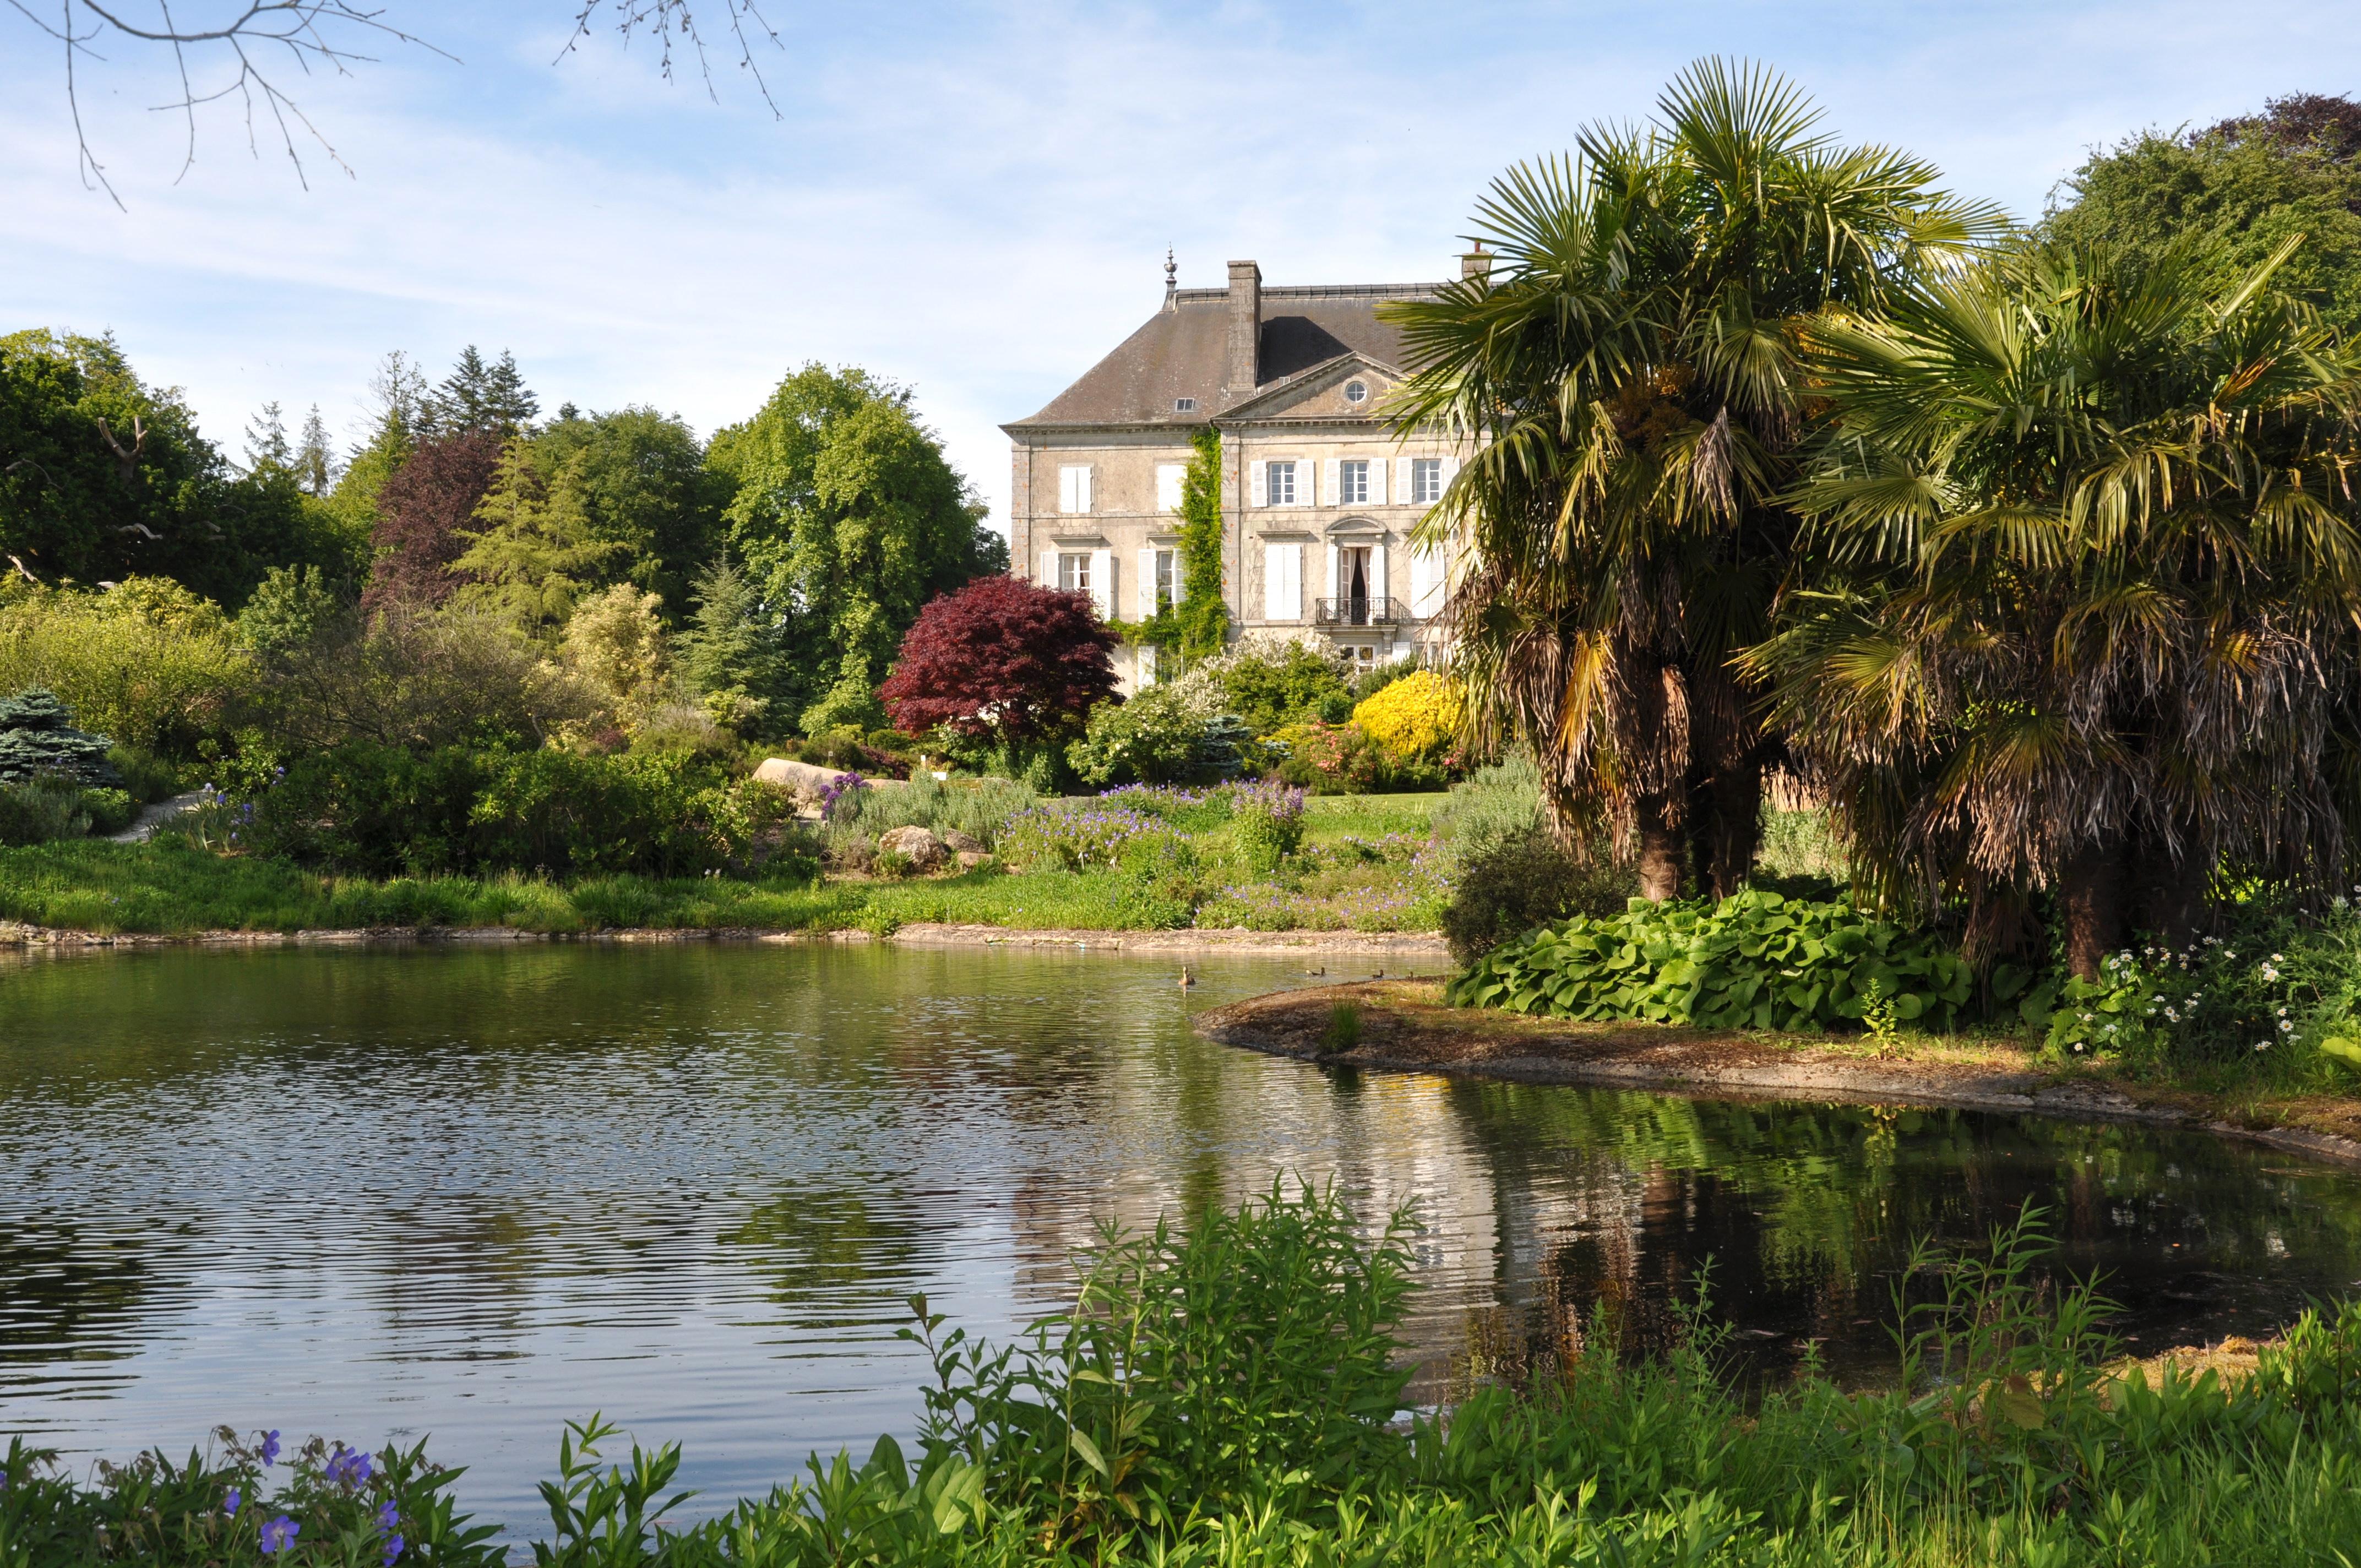 File:Château de la Foltière au mileu du Parc Botanique de Haute Bretagne.JPG - Wikimedia Commons